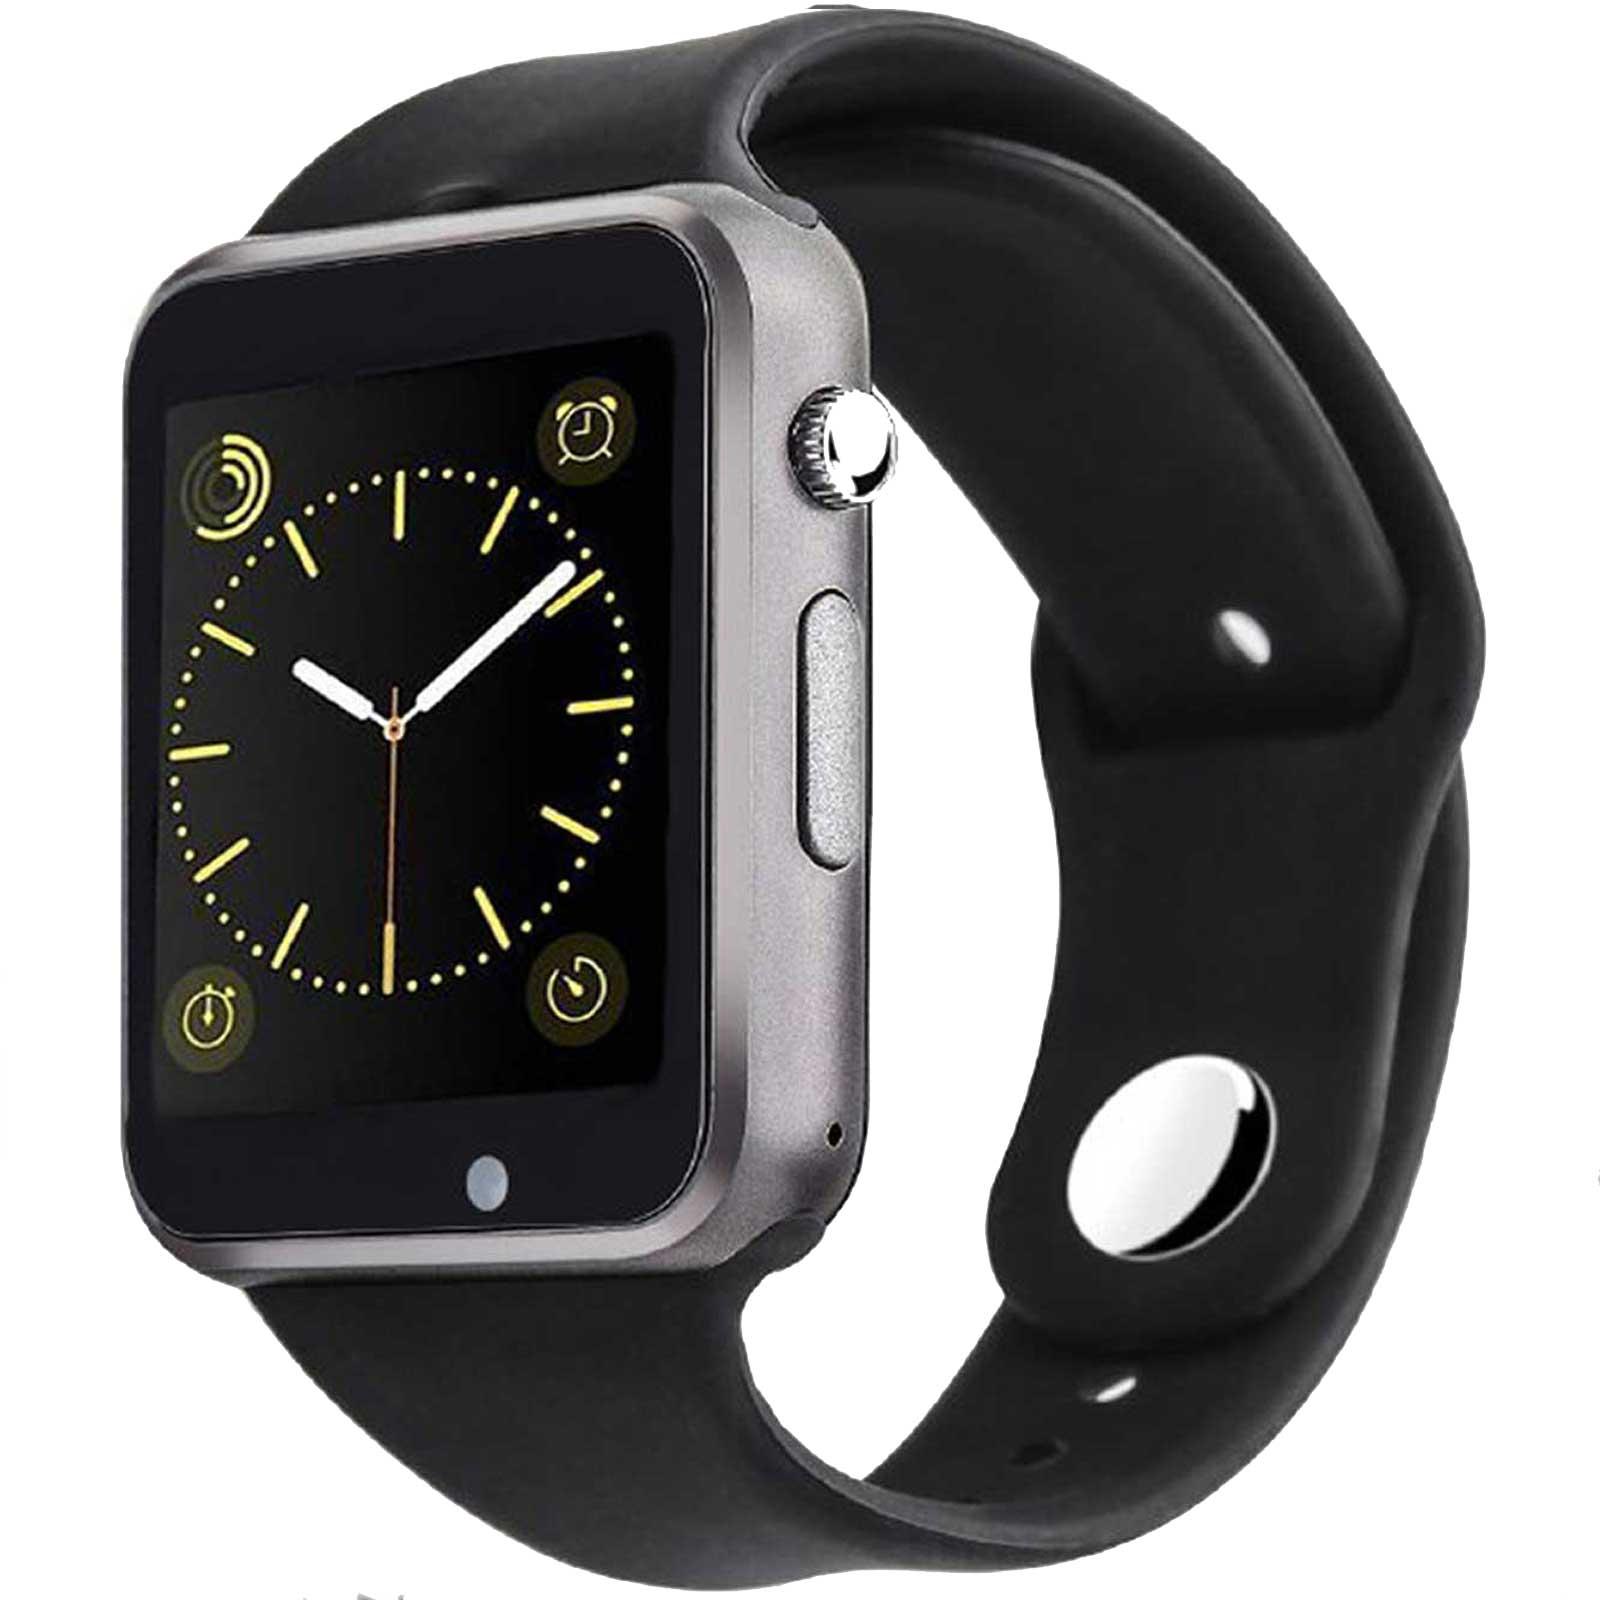 ساعت هوشمند مدل  A1  به همراه محافظ صفحه نمایش شیدتگ و شارژر اختصاصی